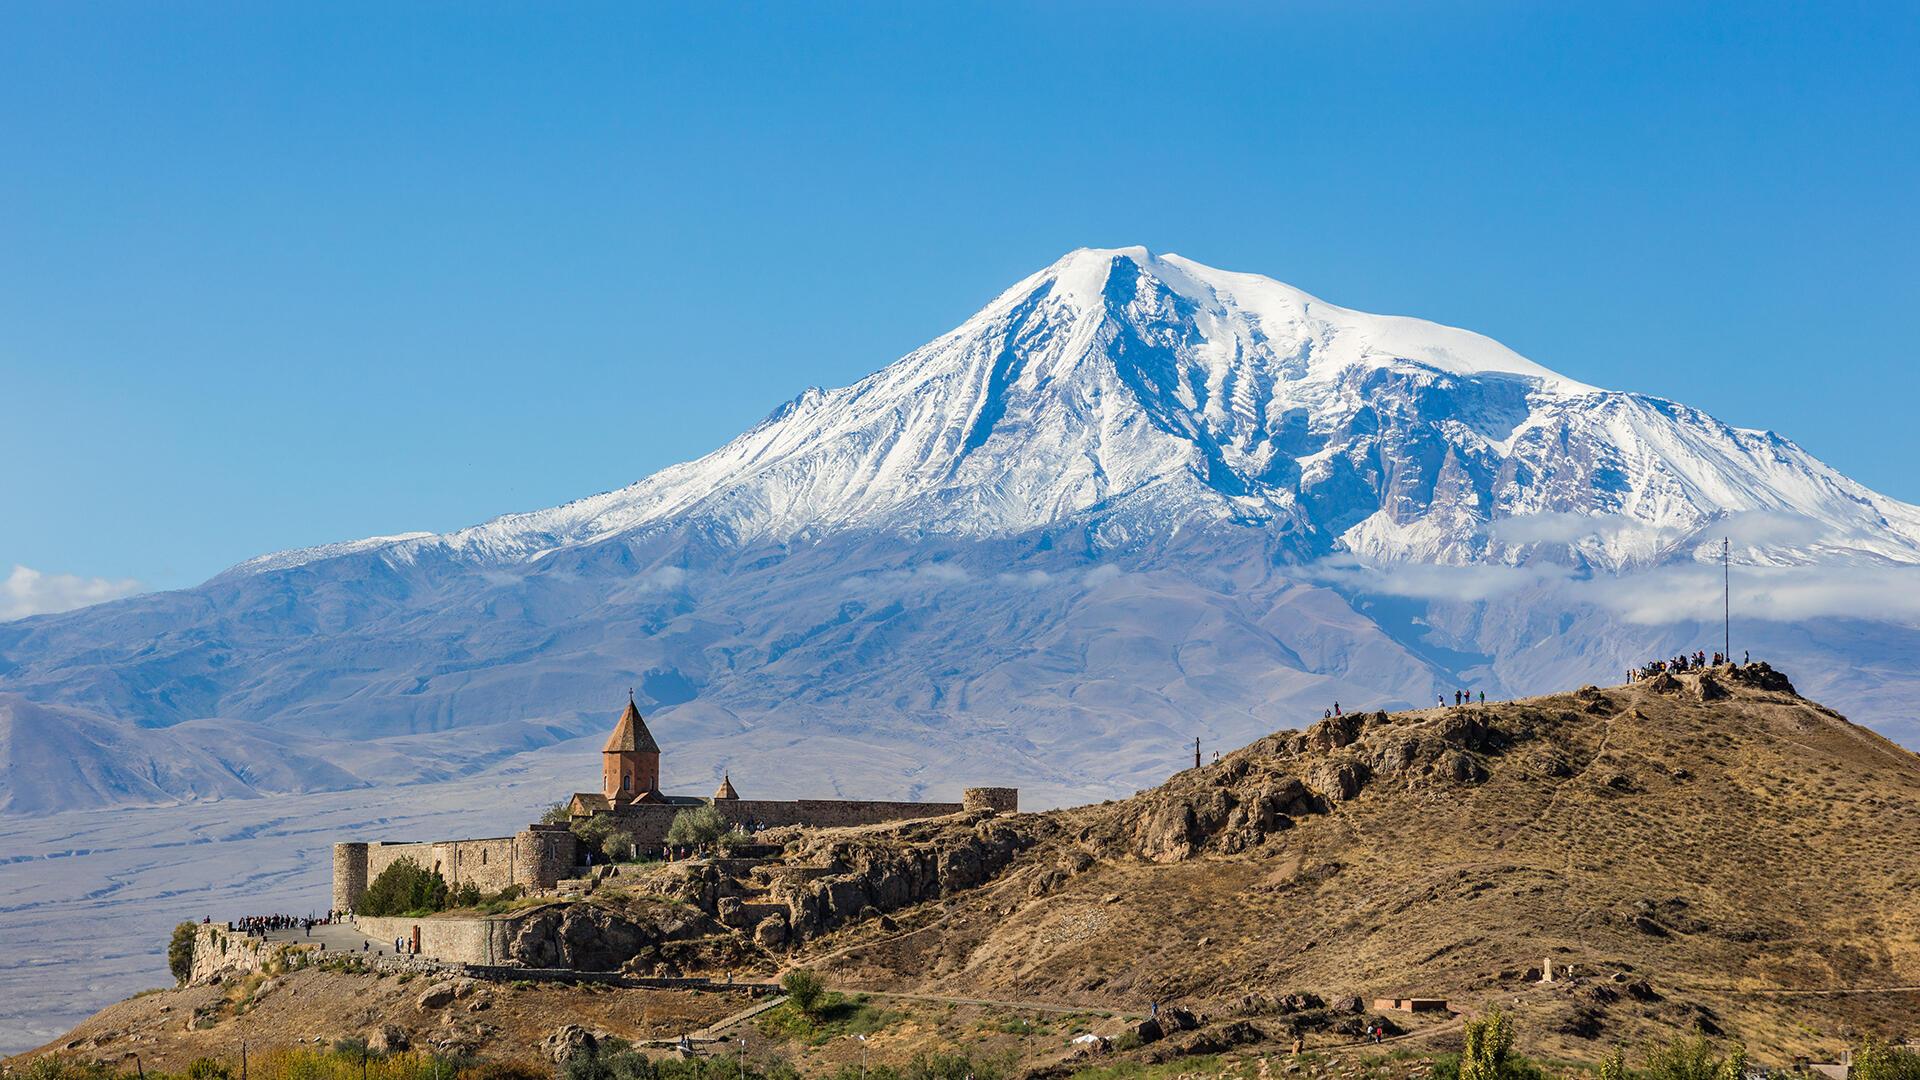 Arménie - Monasterio_Khor_Virap,_Armenia,_2016 - Si loin si proche 10 octobre 2021